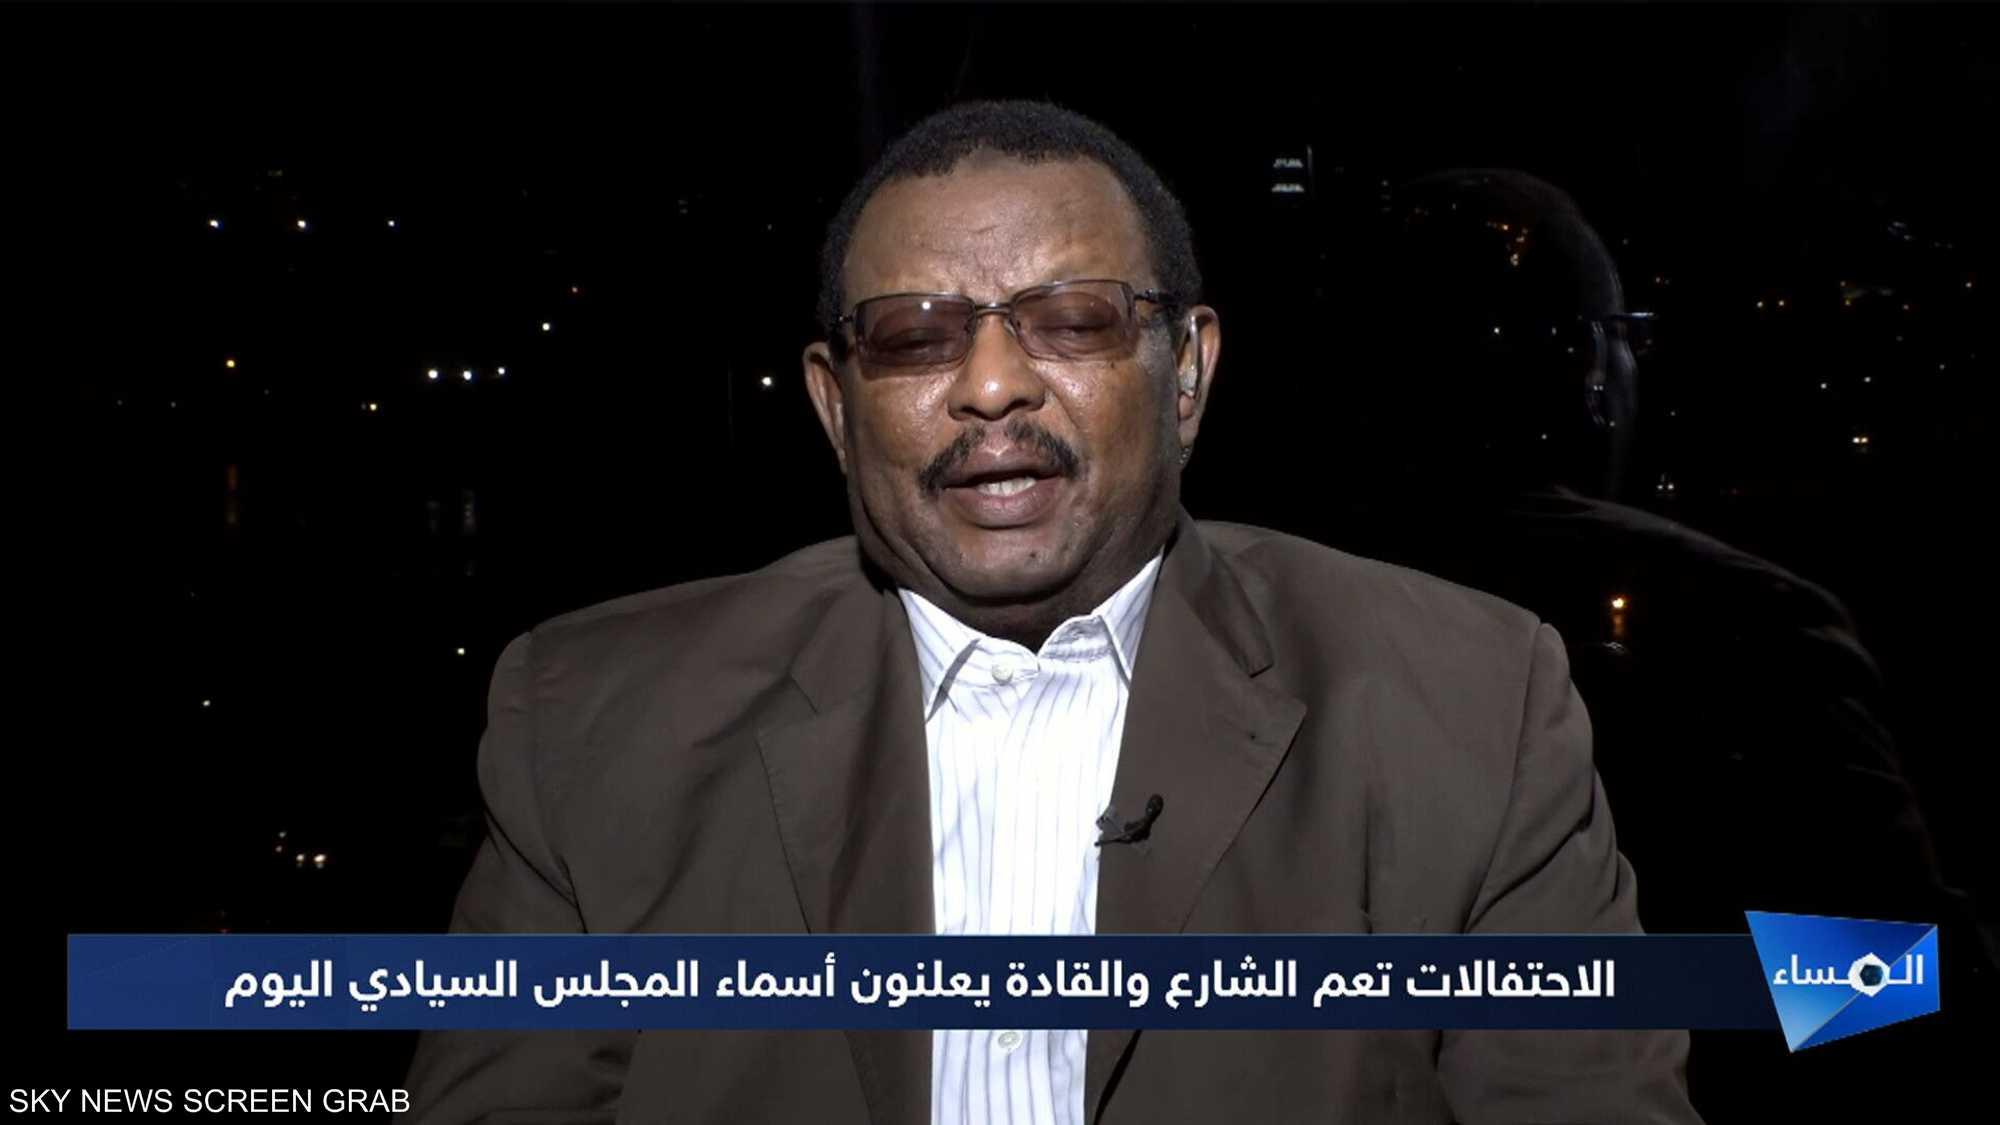 السودان على موعد مع تسمية أعضاء المجلس السيادي